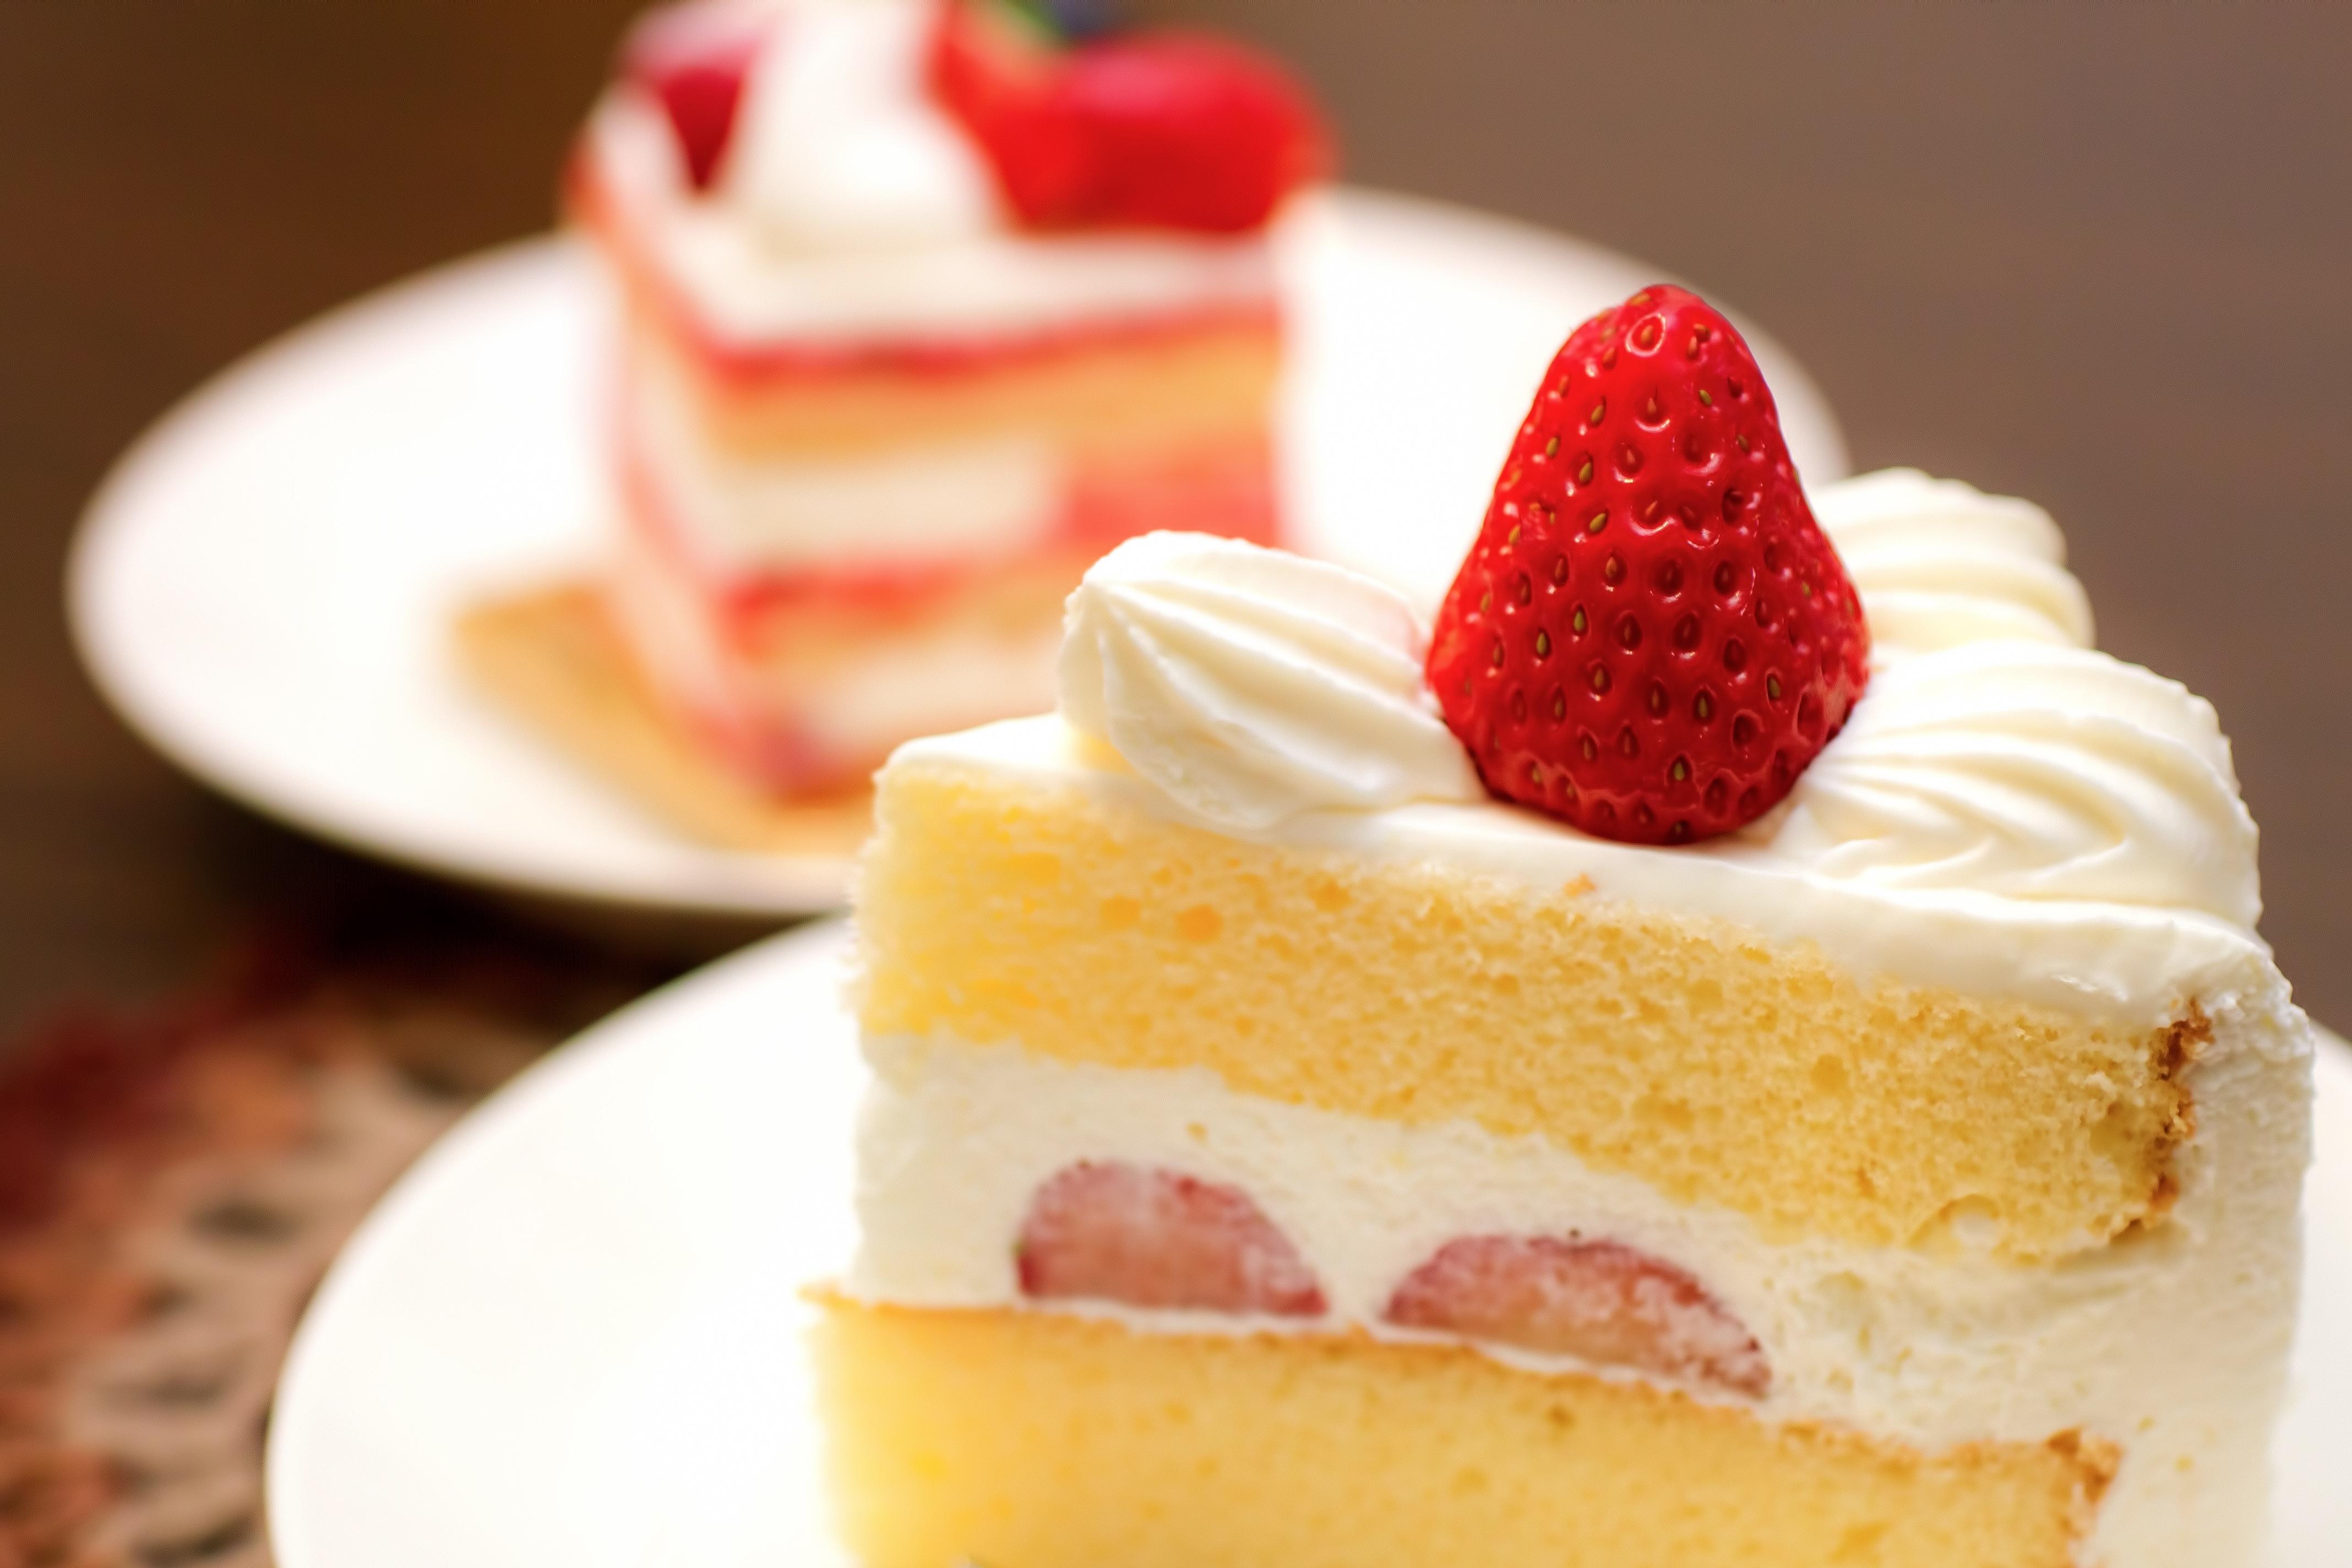 「いちごのケーキ写真フリー」の画像検索結果